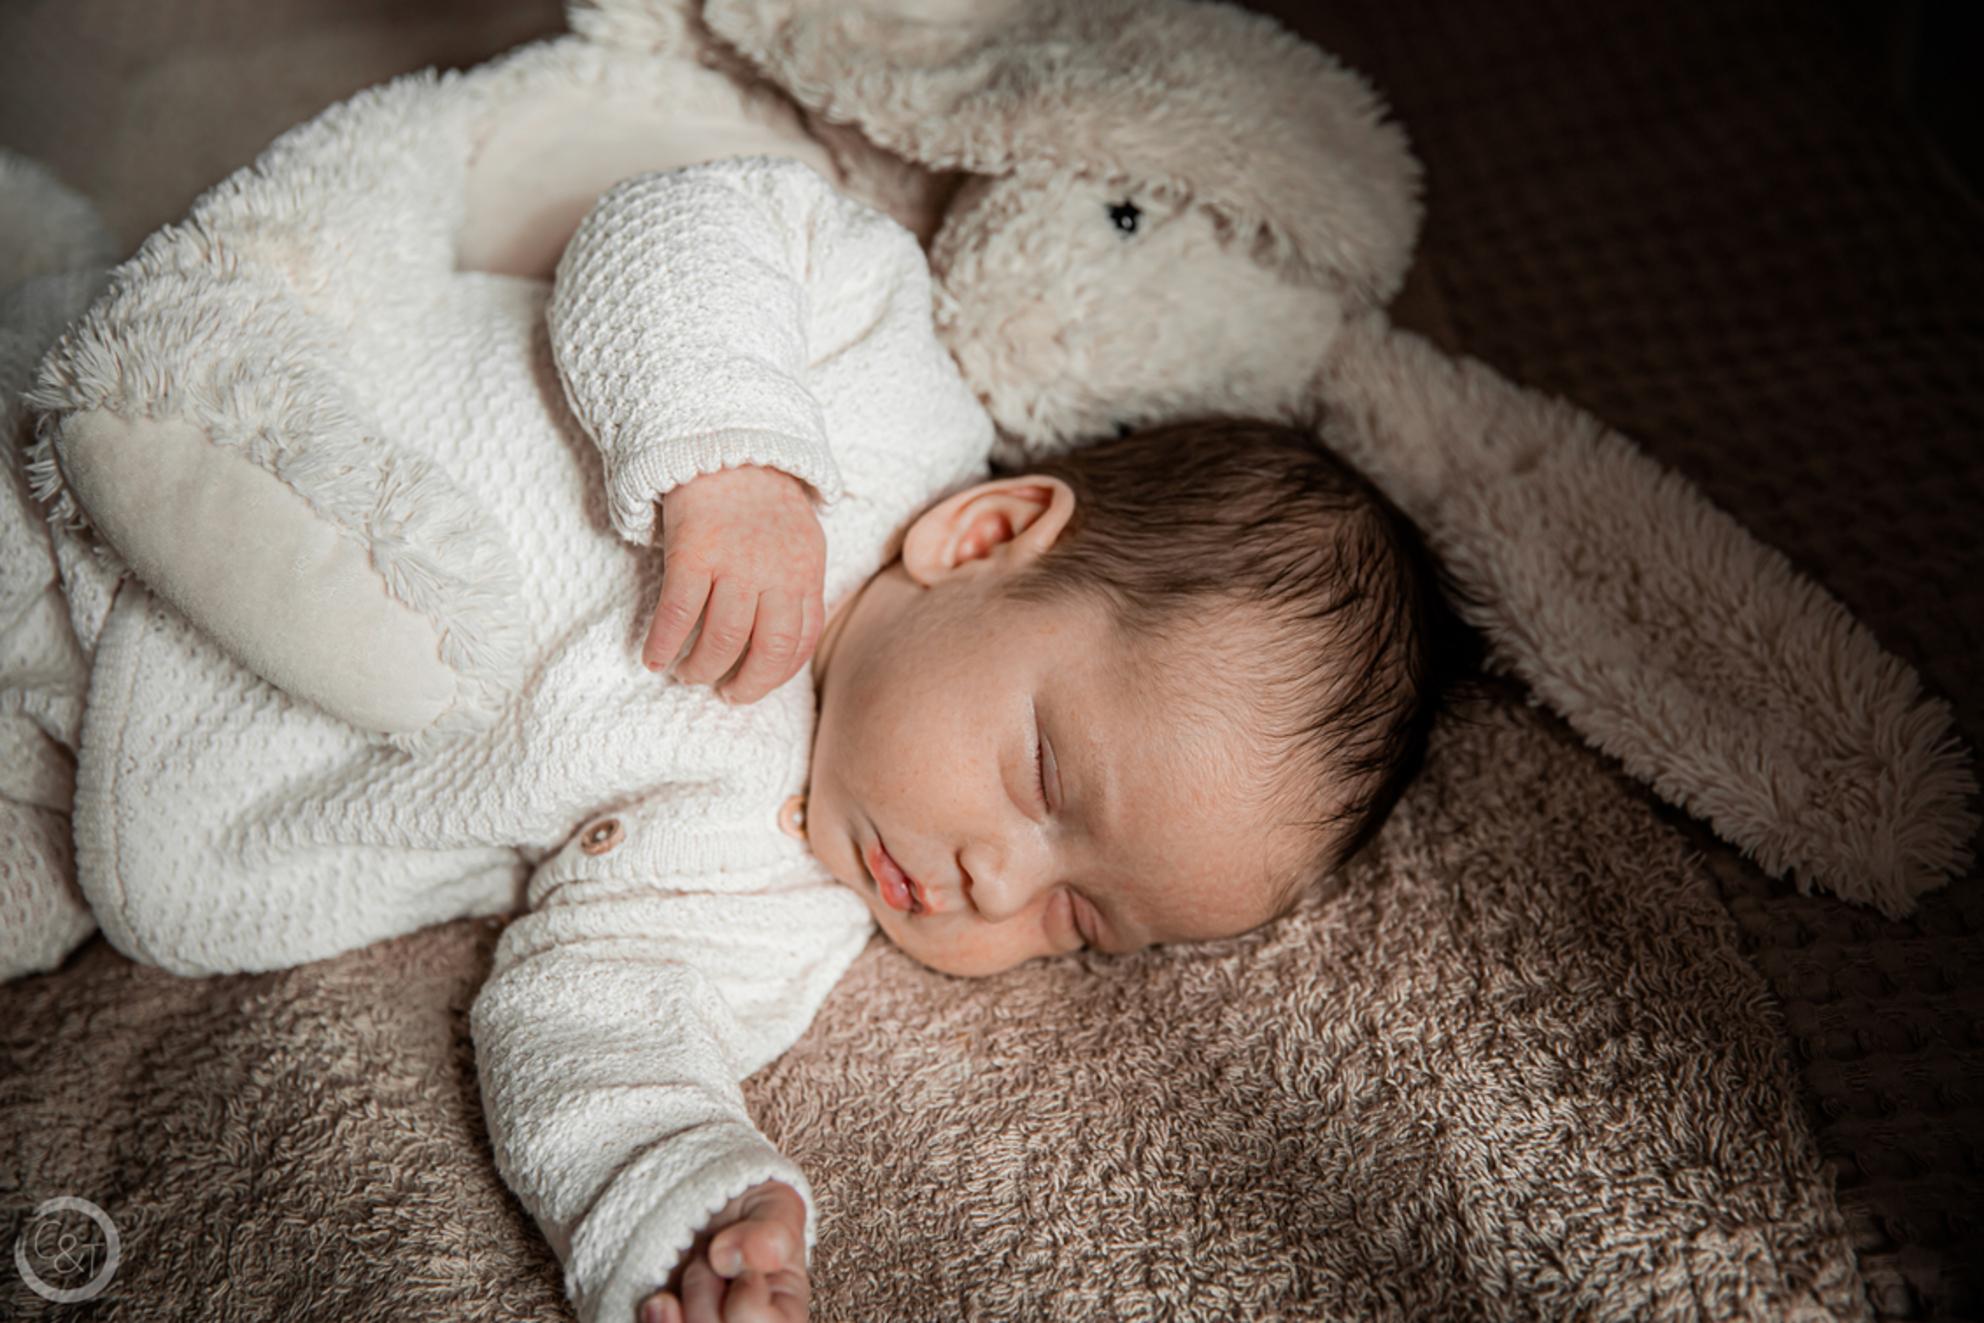 Baby en knuffel - Een maand oud. Een lief klein meisje met haar knuffeltje. - foto door CreateTrends op 27-02-2021 - deze foto bevat: mensen, baby, knuffel, newborn, newlife - Deze foto mag gebruikt worden in een Zoom.nl publicatie